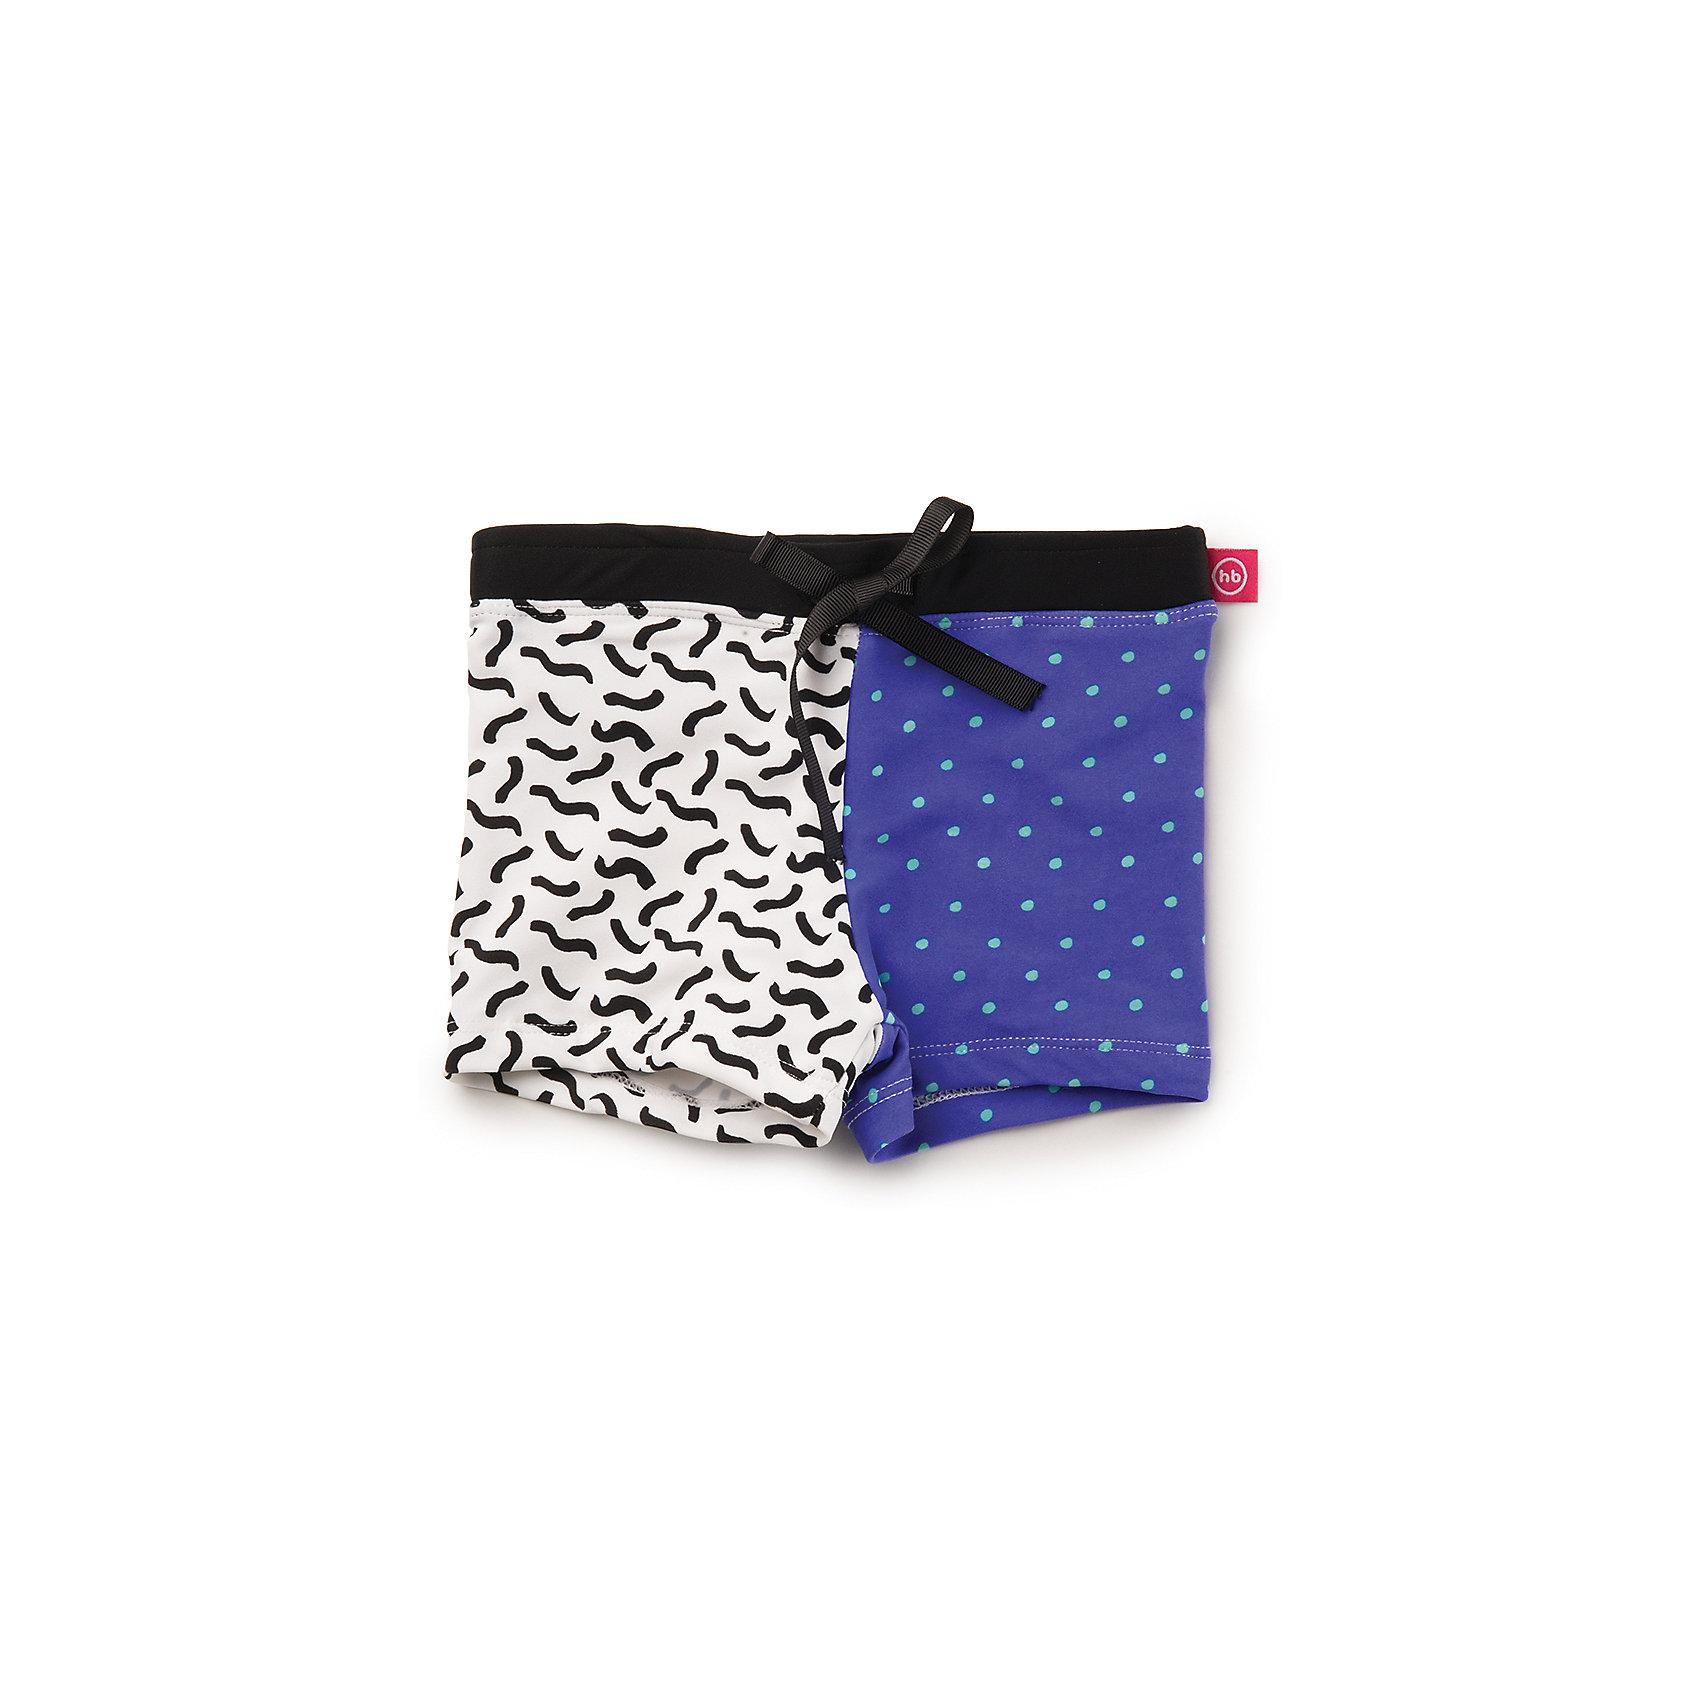 Плавки для мальчиков размер 86, Happy BabyКупальники и плавки<br>Стильные плавки для мальчиков сделаны из особой ткани с защитой от солнечного излучения UPF 50+. Такая ткань защитит от перегрева на солнце, быстро сохнет и проста в уходе.<br><br>Ширина мм: 20<br>Глубина мм: 220<br>Высота мм: 135<br>Вес г: 48<br>Возраст от месяцев: 24<br>Возраст до месяцев: 36<br>Пол: Унисекс<br>Возраст: Детский<br>SKU: 6681114